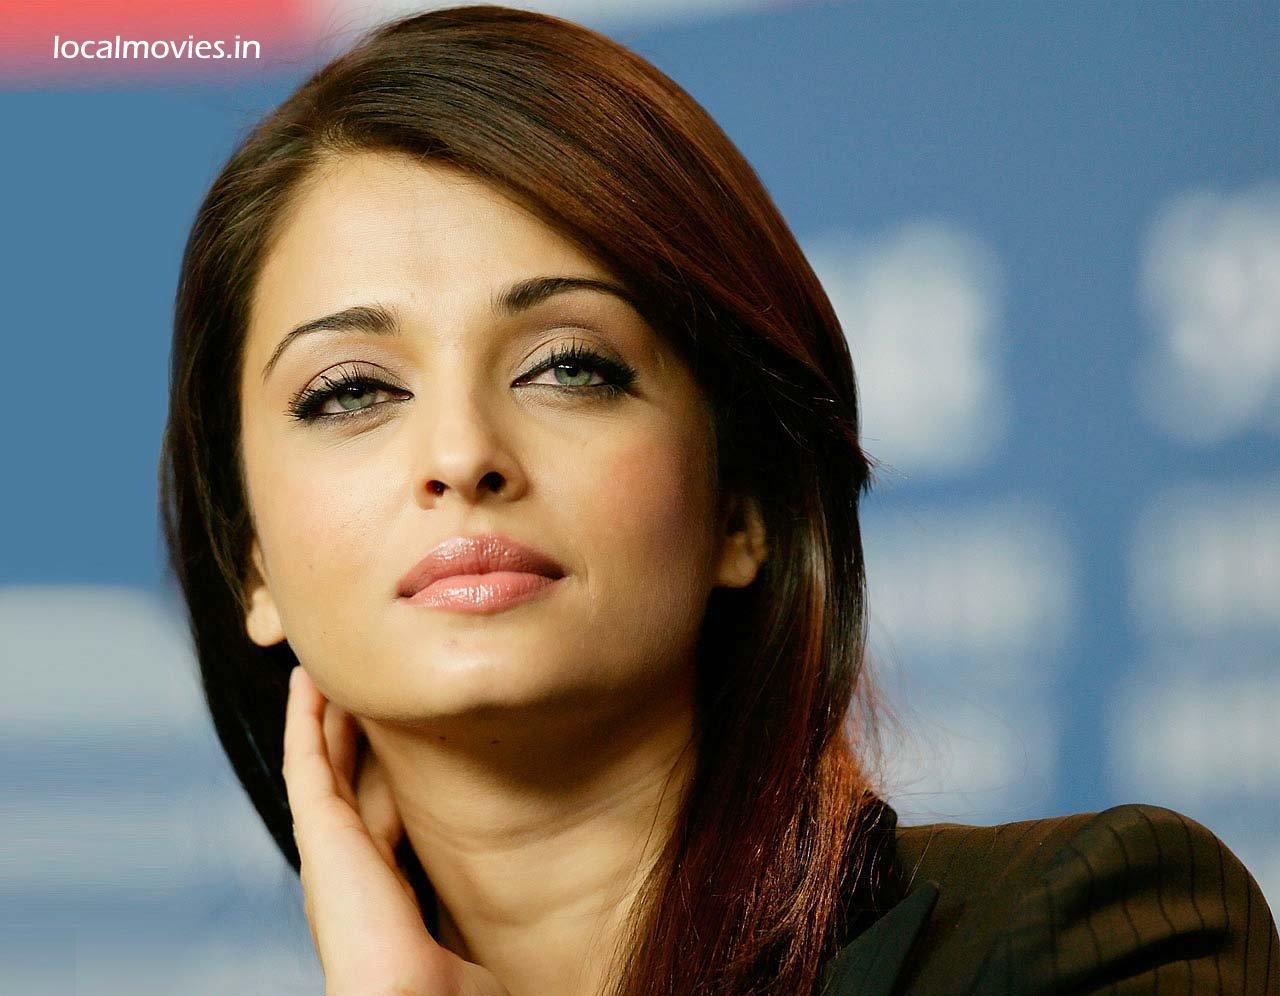 http://3.bp.blogspot.com/_uXdBqZqYJ2E/TPNID4leWPI/AAAAAAAALbU/XNAkuCurF0I/s1600/Aishwarya+Rai+New+5.jpg